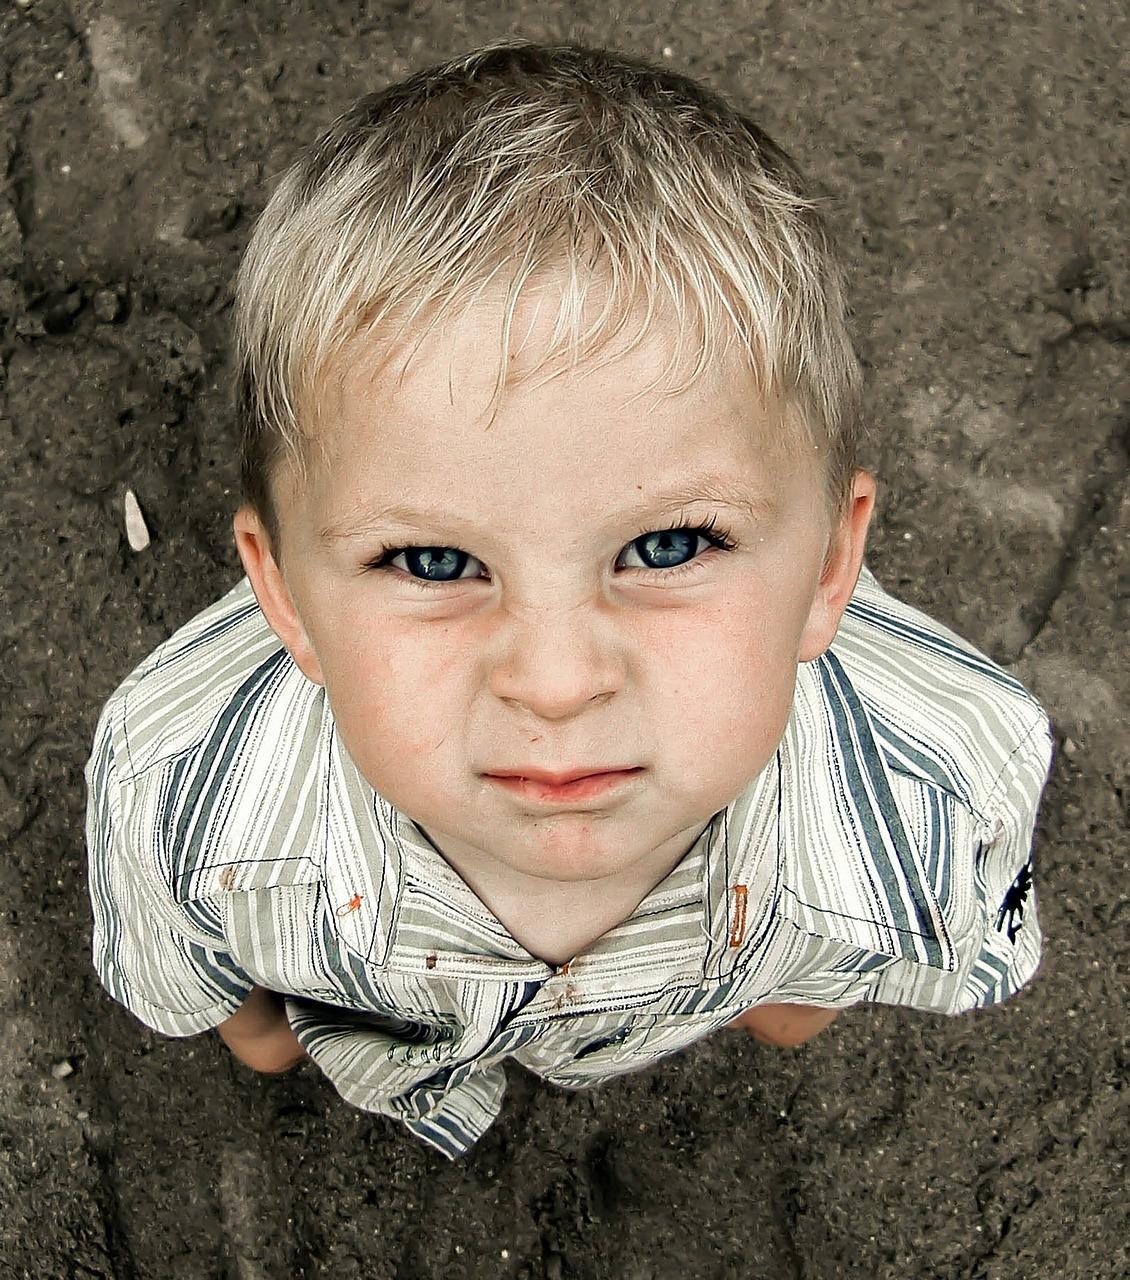 child-636022_1280.jpg